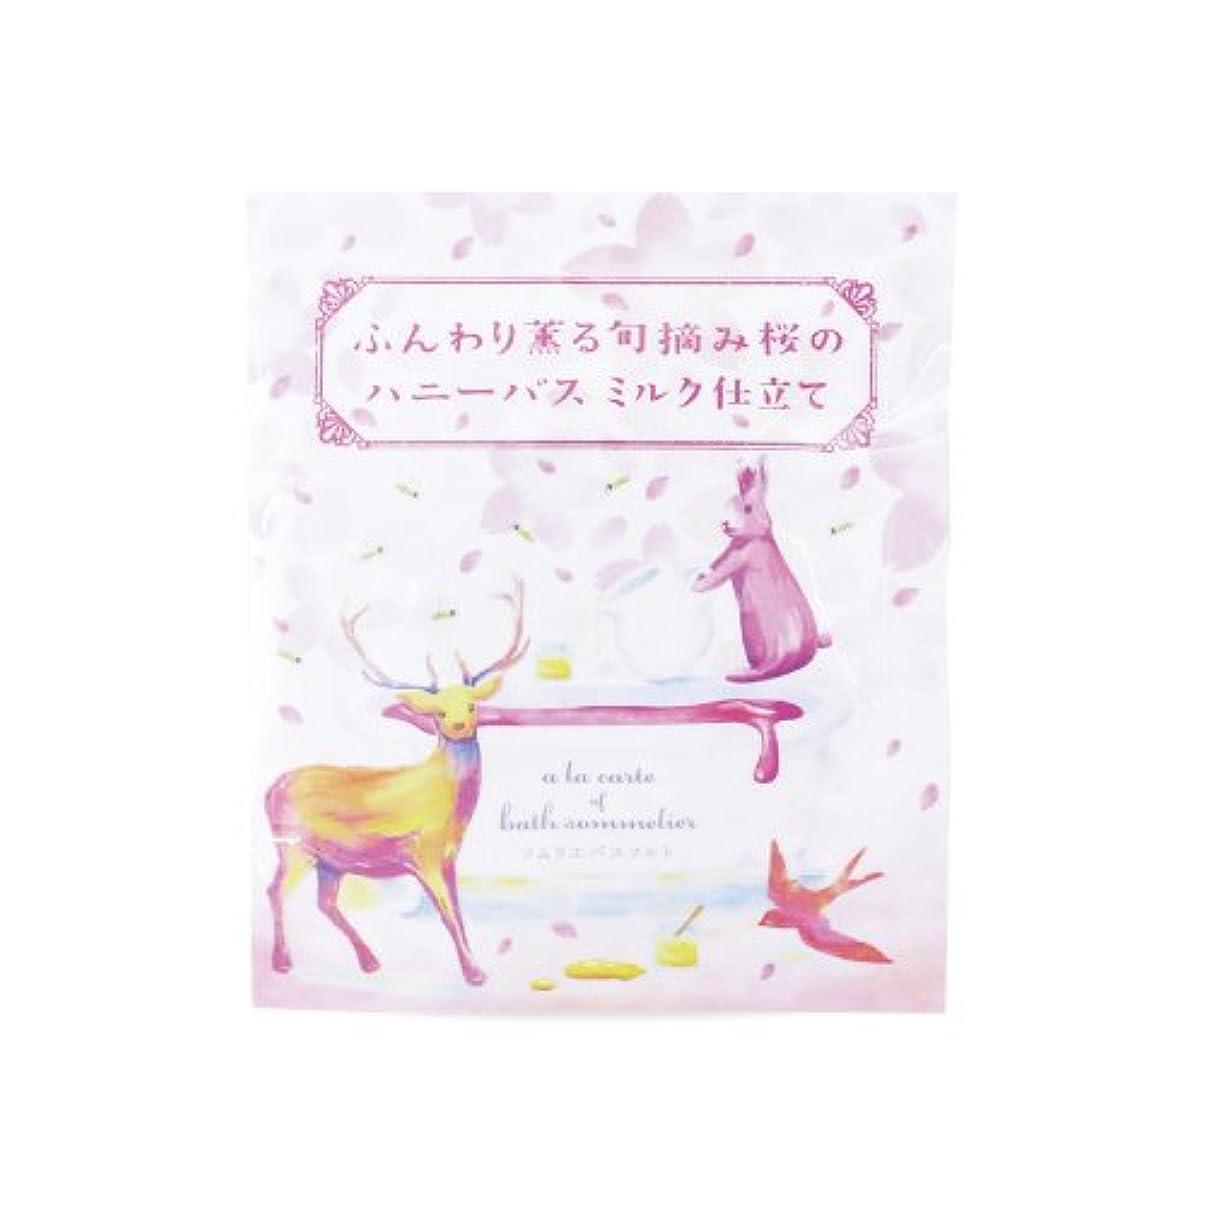 特権リングバック状チャーリー ソムリエバスソルト 旬摘み桜のハニーバスミルク仕立て